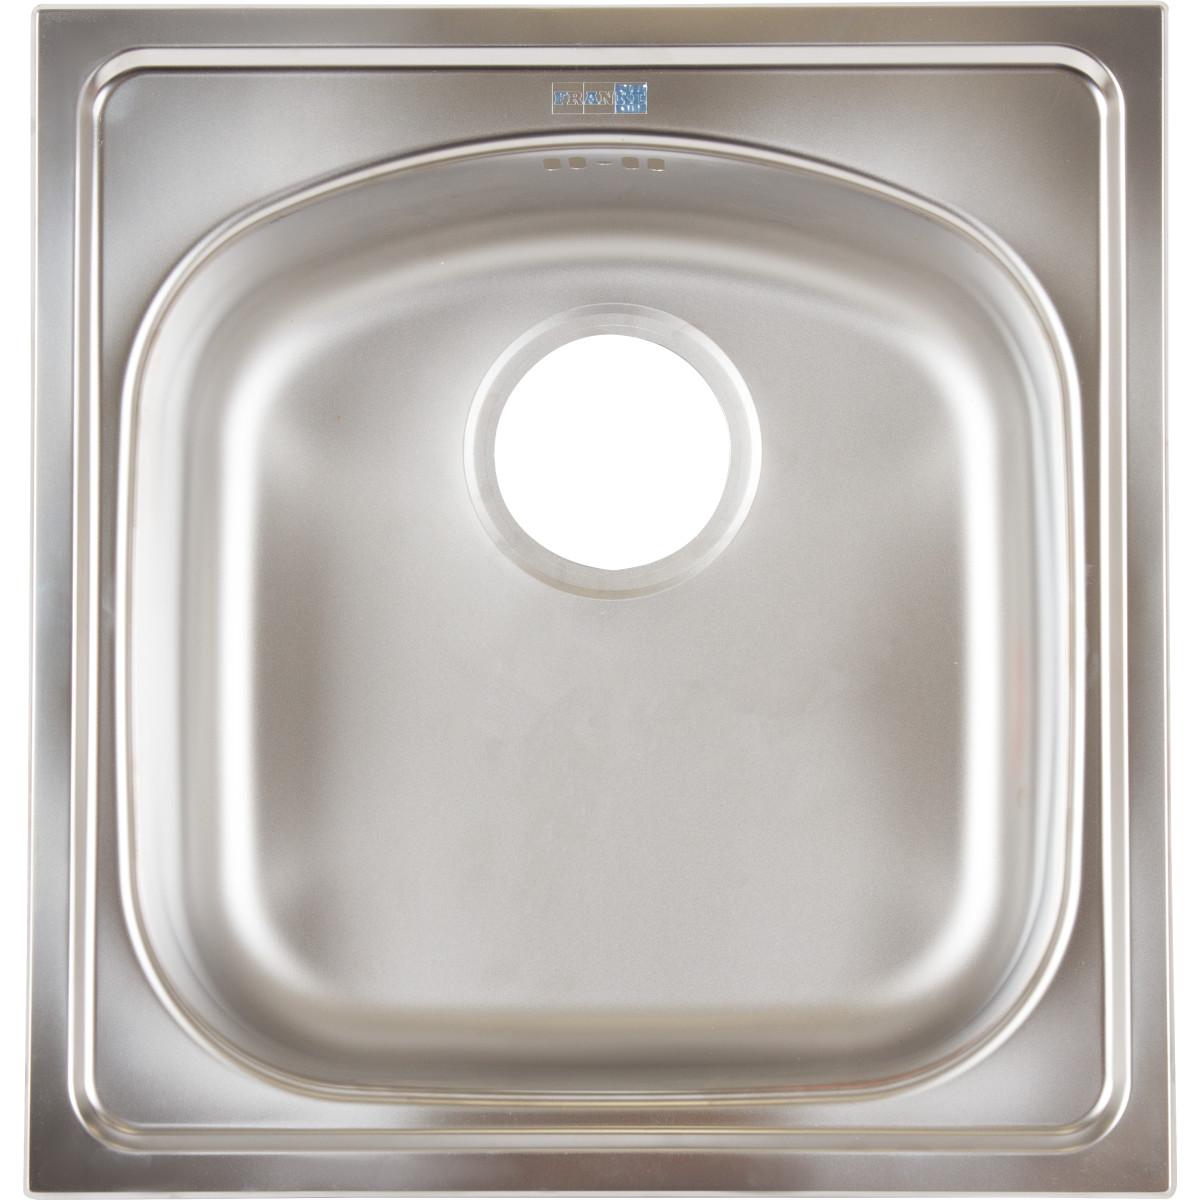 Мойка Franke ETN 610 46x44 см 0.6x145 см нержавеющая сталь